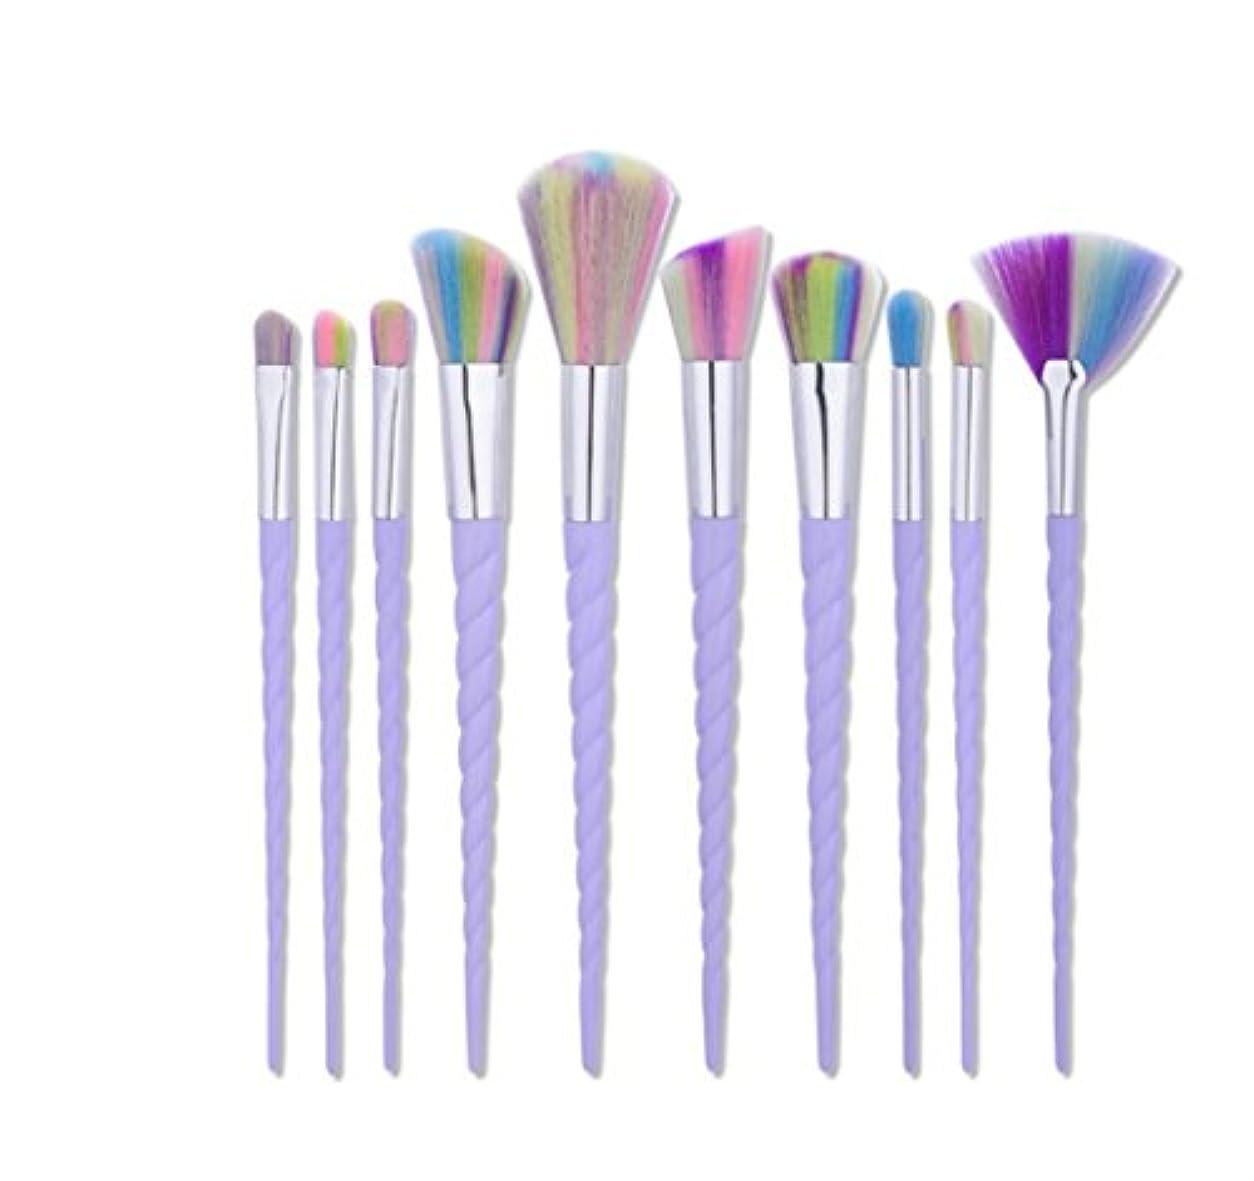 居間絵認めるDilla Beauty 10本セットユニコーンデザインプラスチックハンドル形状メイクブラシセット合成毛ファンデーションブラシアイシャドーブラッシャー美容ツール (ホワイト-4)